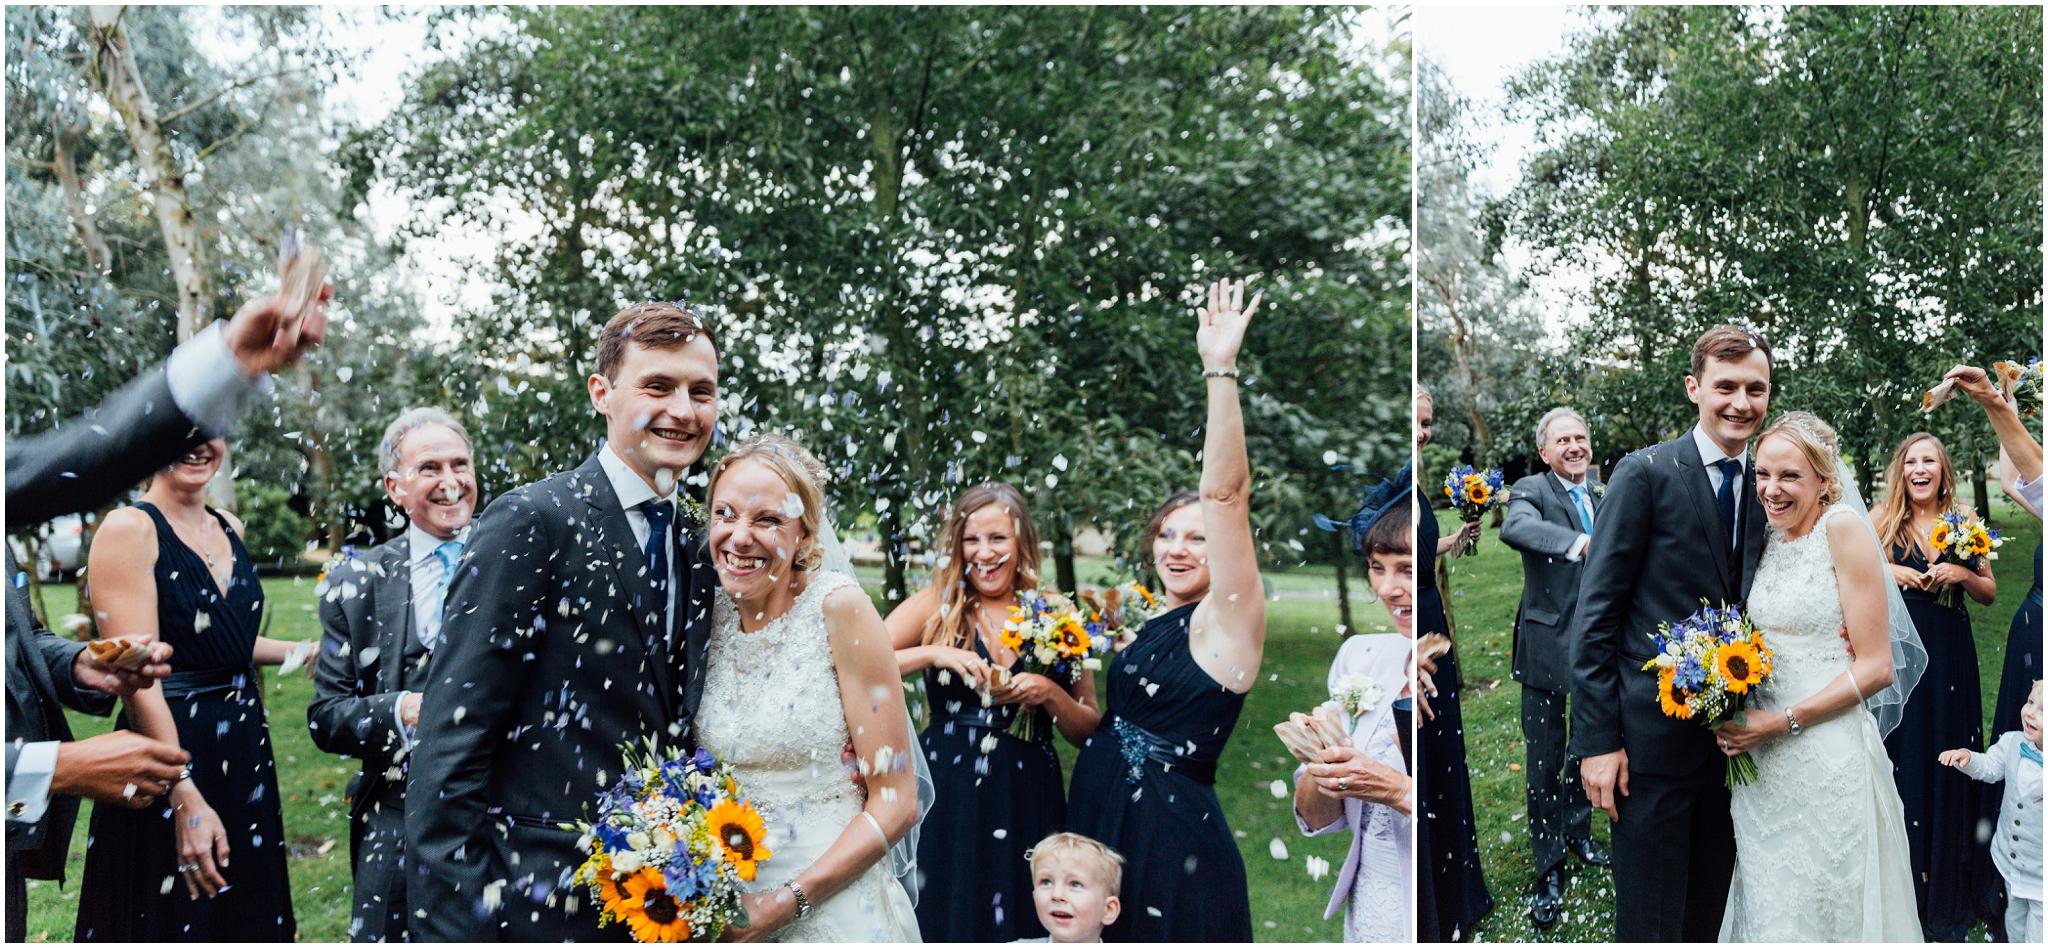 tythe-barn-wedding-664